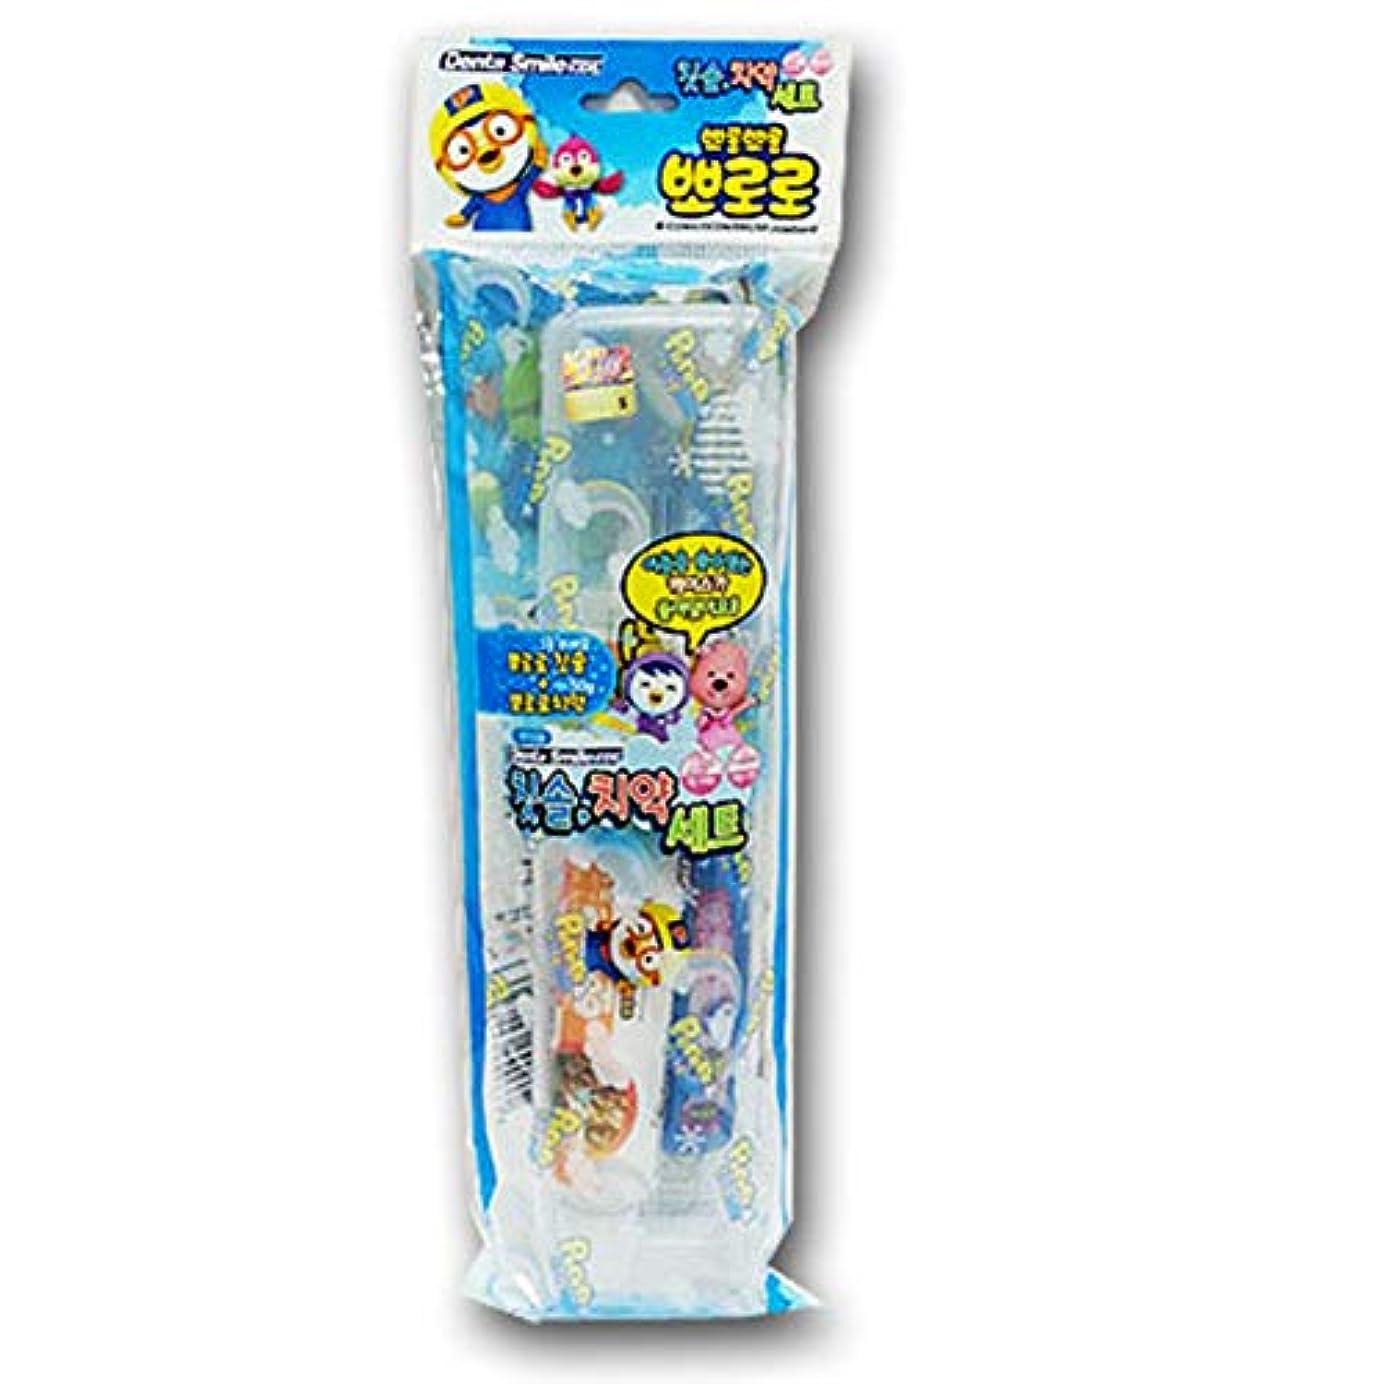 あらゆる種類の独創的ボウリングPororo&Friendsポータブル歯磨き粉歯ブラシセットパイナップル香50g.